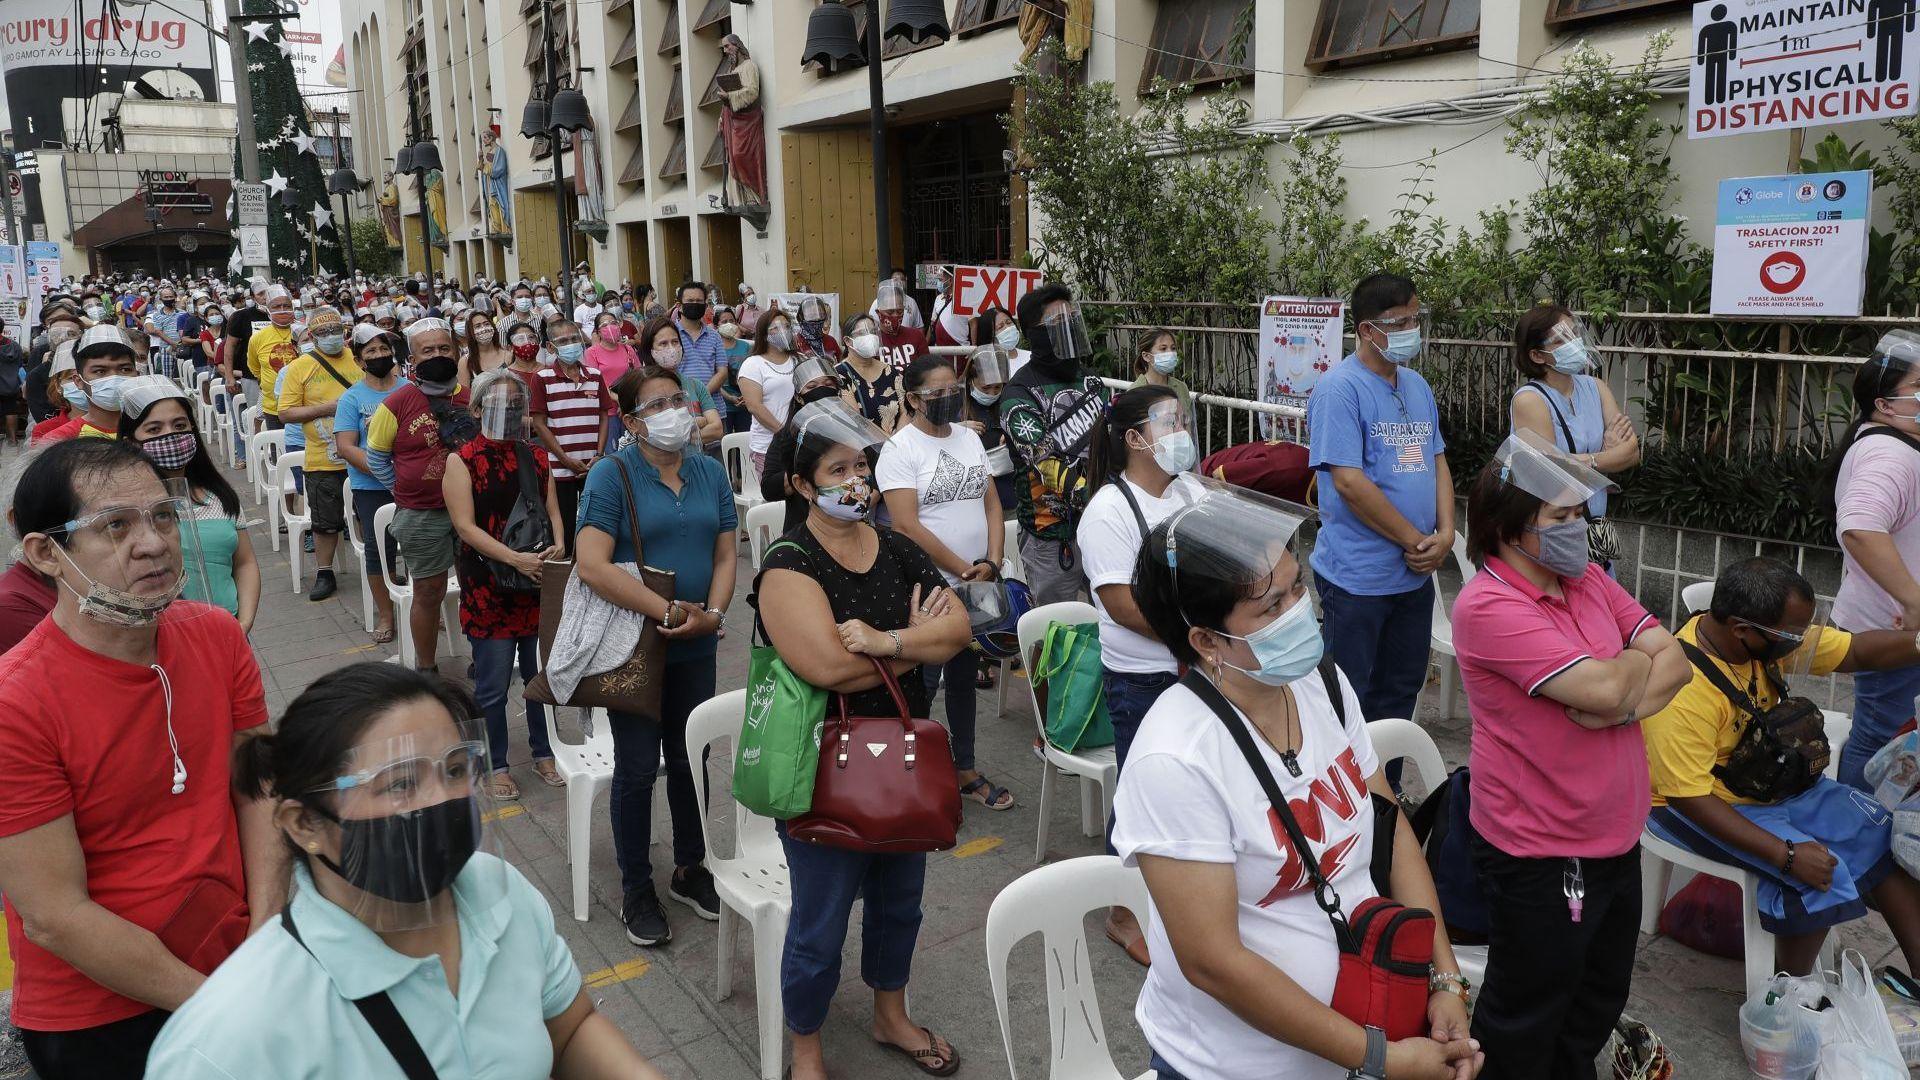 Властите спестиха тази година процесията заради епидемията